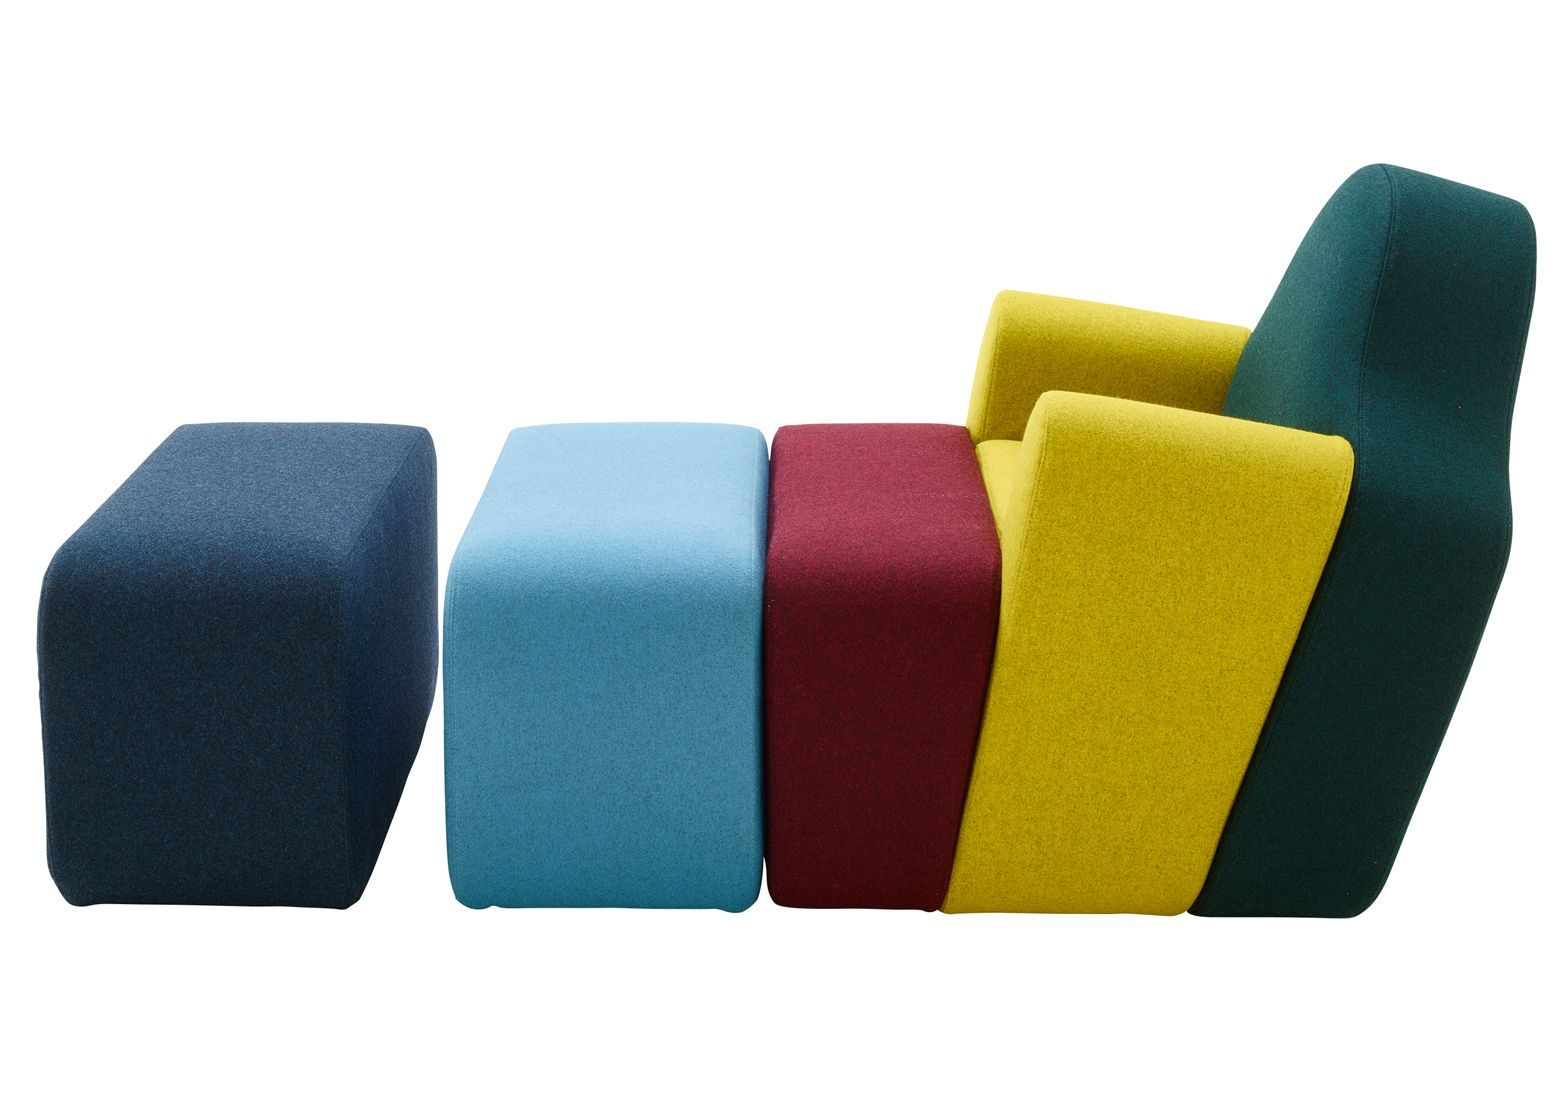 Pierre Charpin S Slice Chair For Cinna Is Split Up Into Blocks Disenos De Unas Muebles De Colores Revista Diseno De Interiores